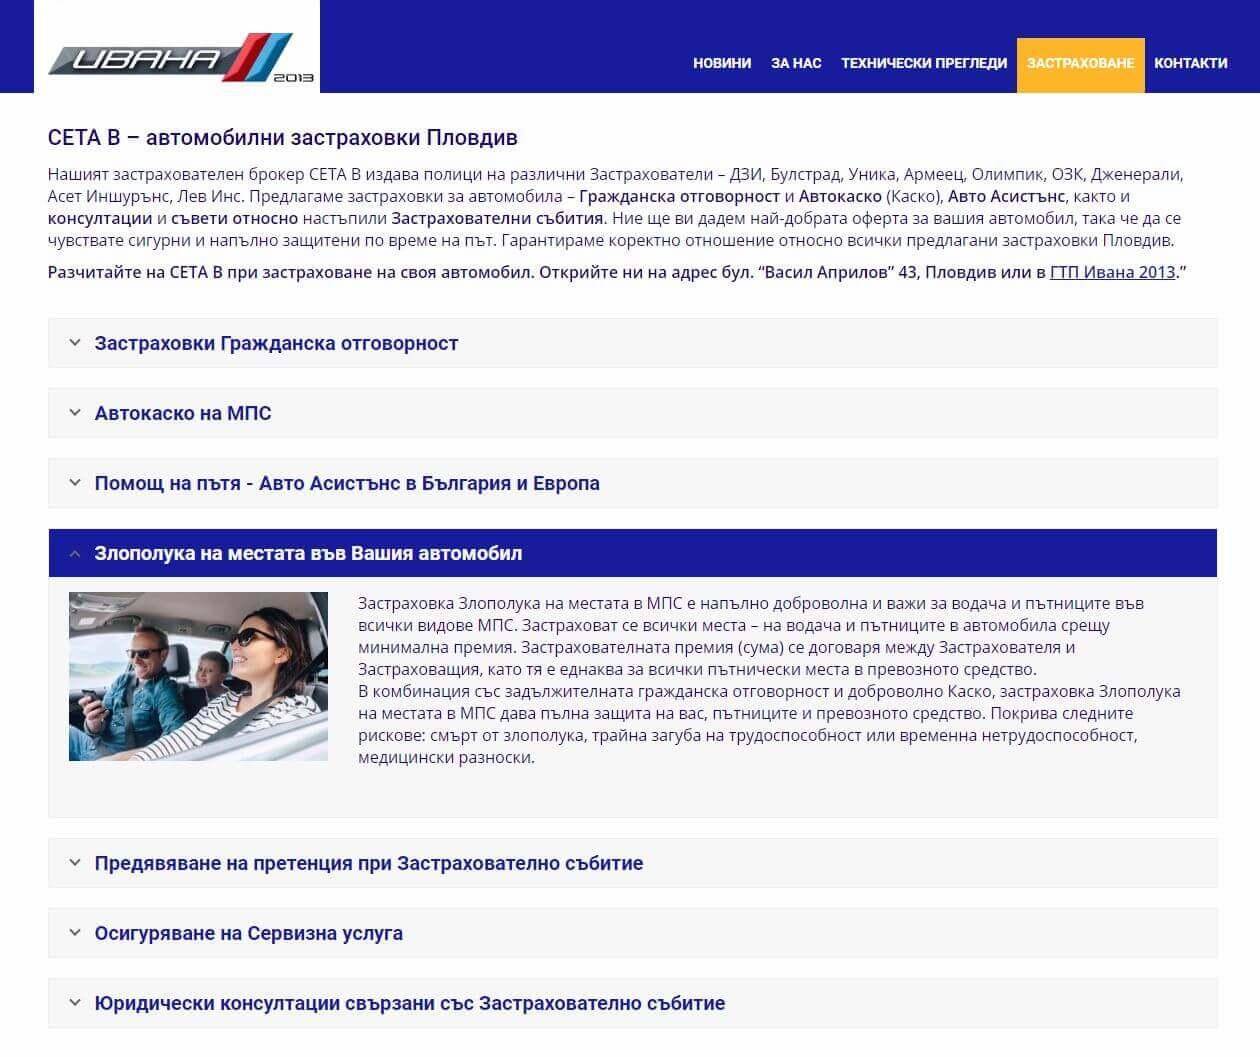 Дизайн и изработка на уеб сайтове - рекламна агенция Медия Дизайн